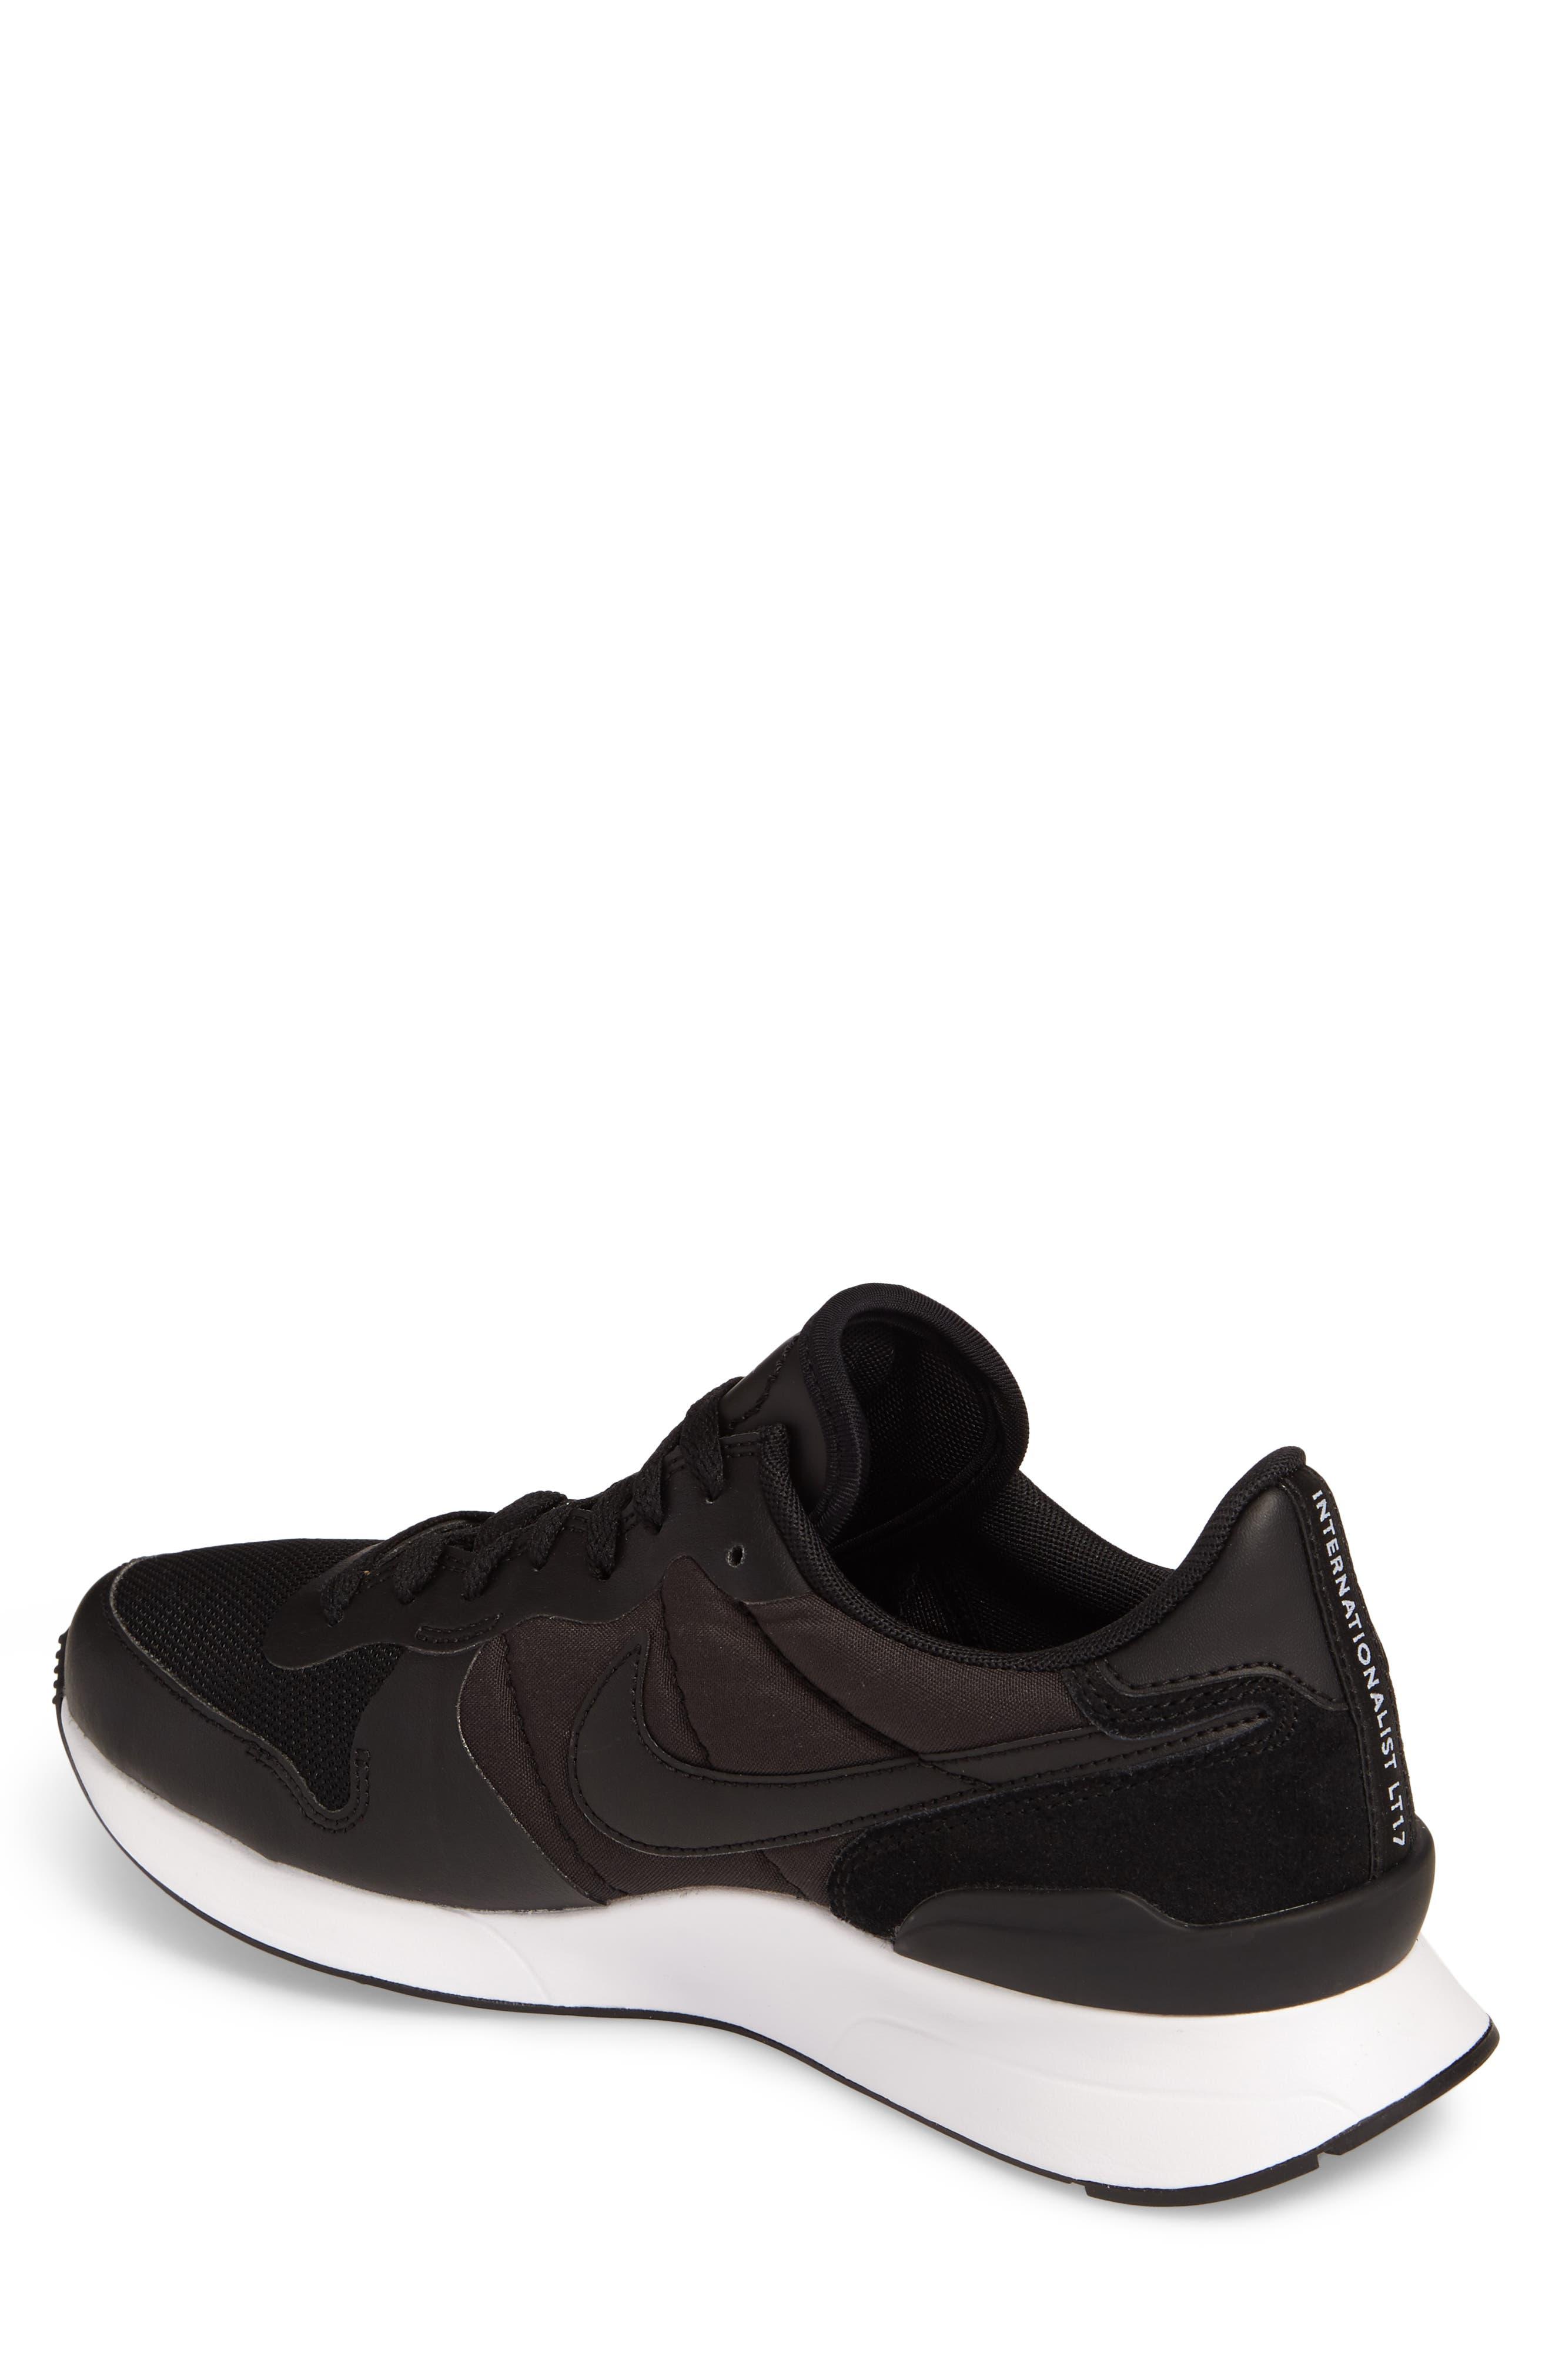 Internationalist LT17 Sneaker,                             Alternate thumbnail 2, color,